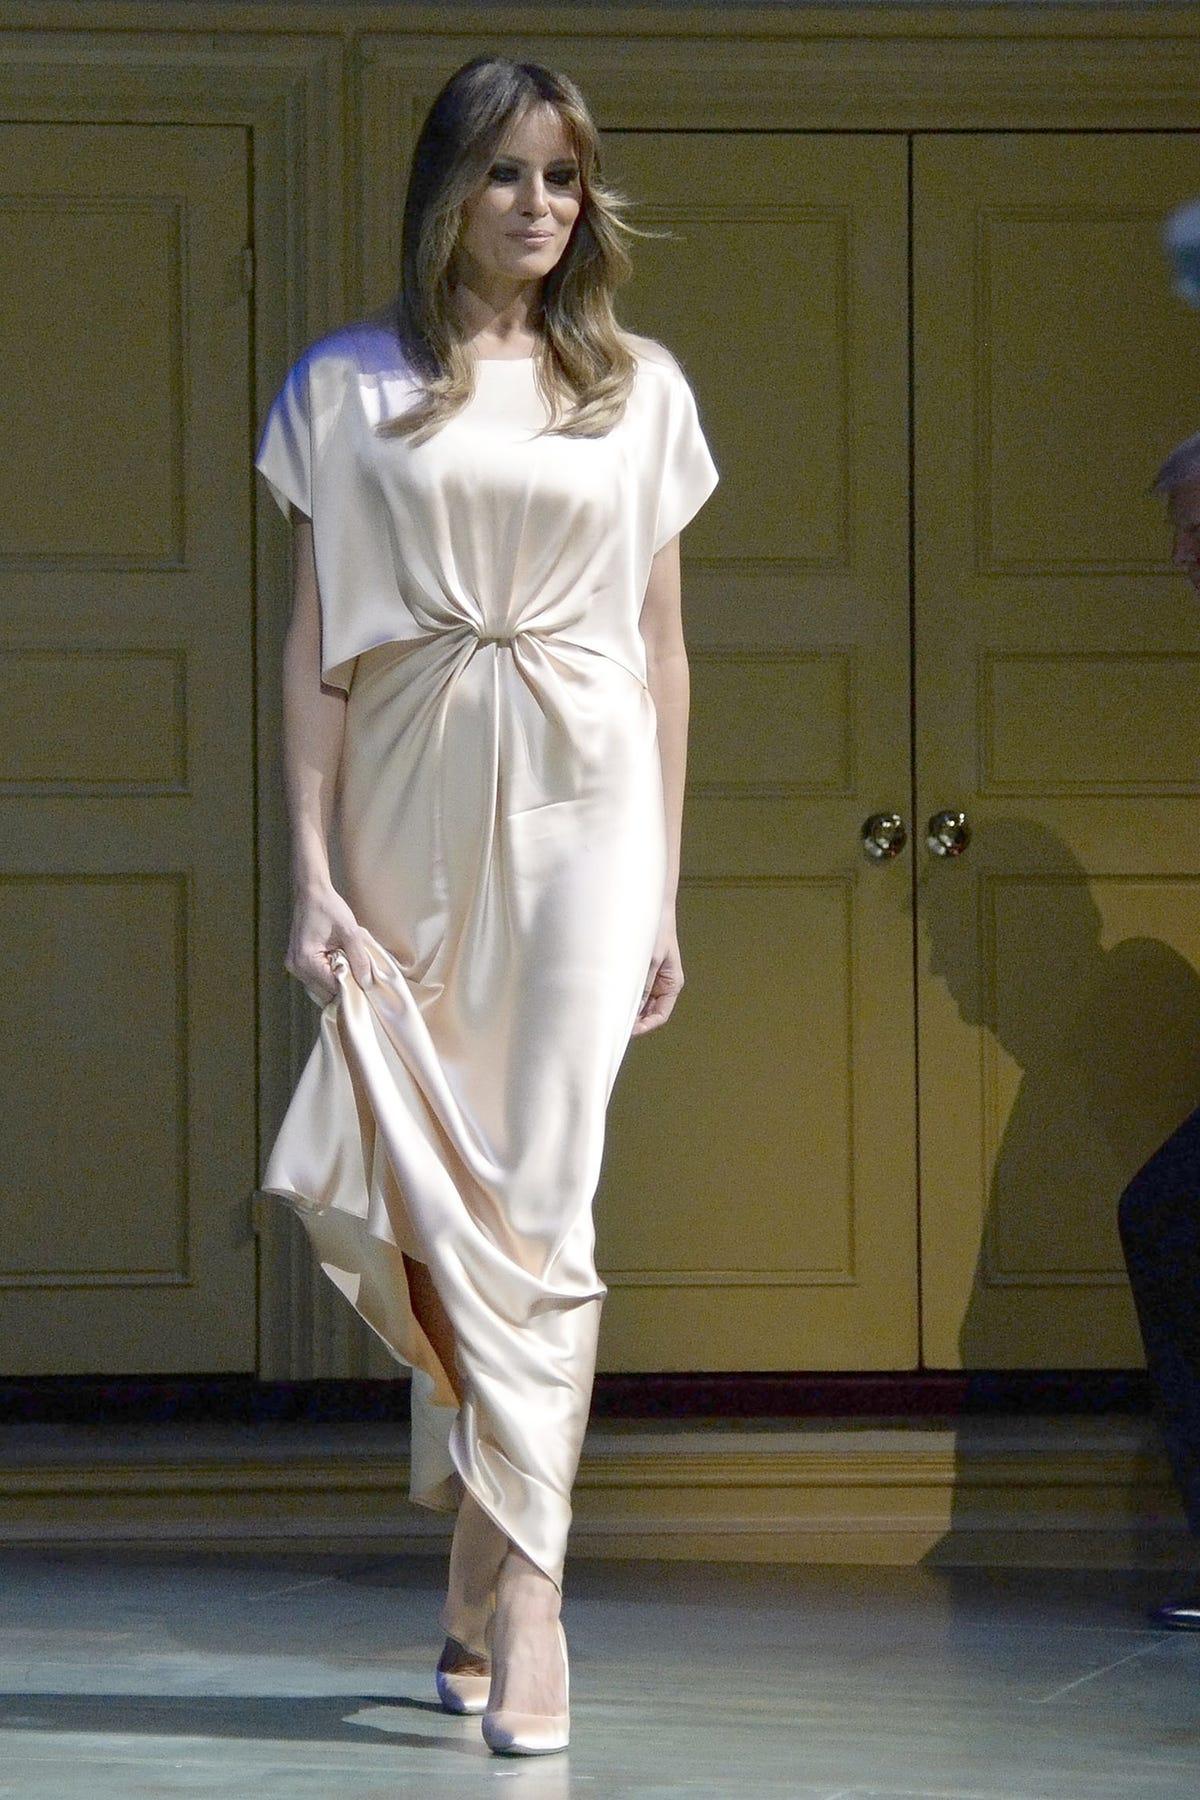 79478fccd0a4b Melania Trump First Lady Wardrobe Fashion PR Backlash